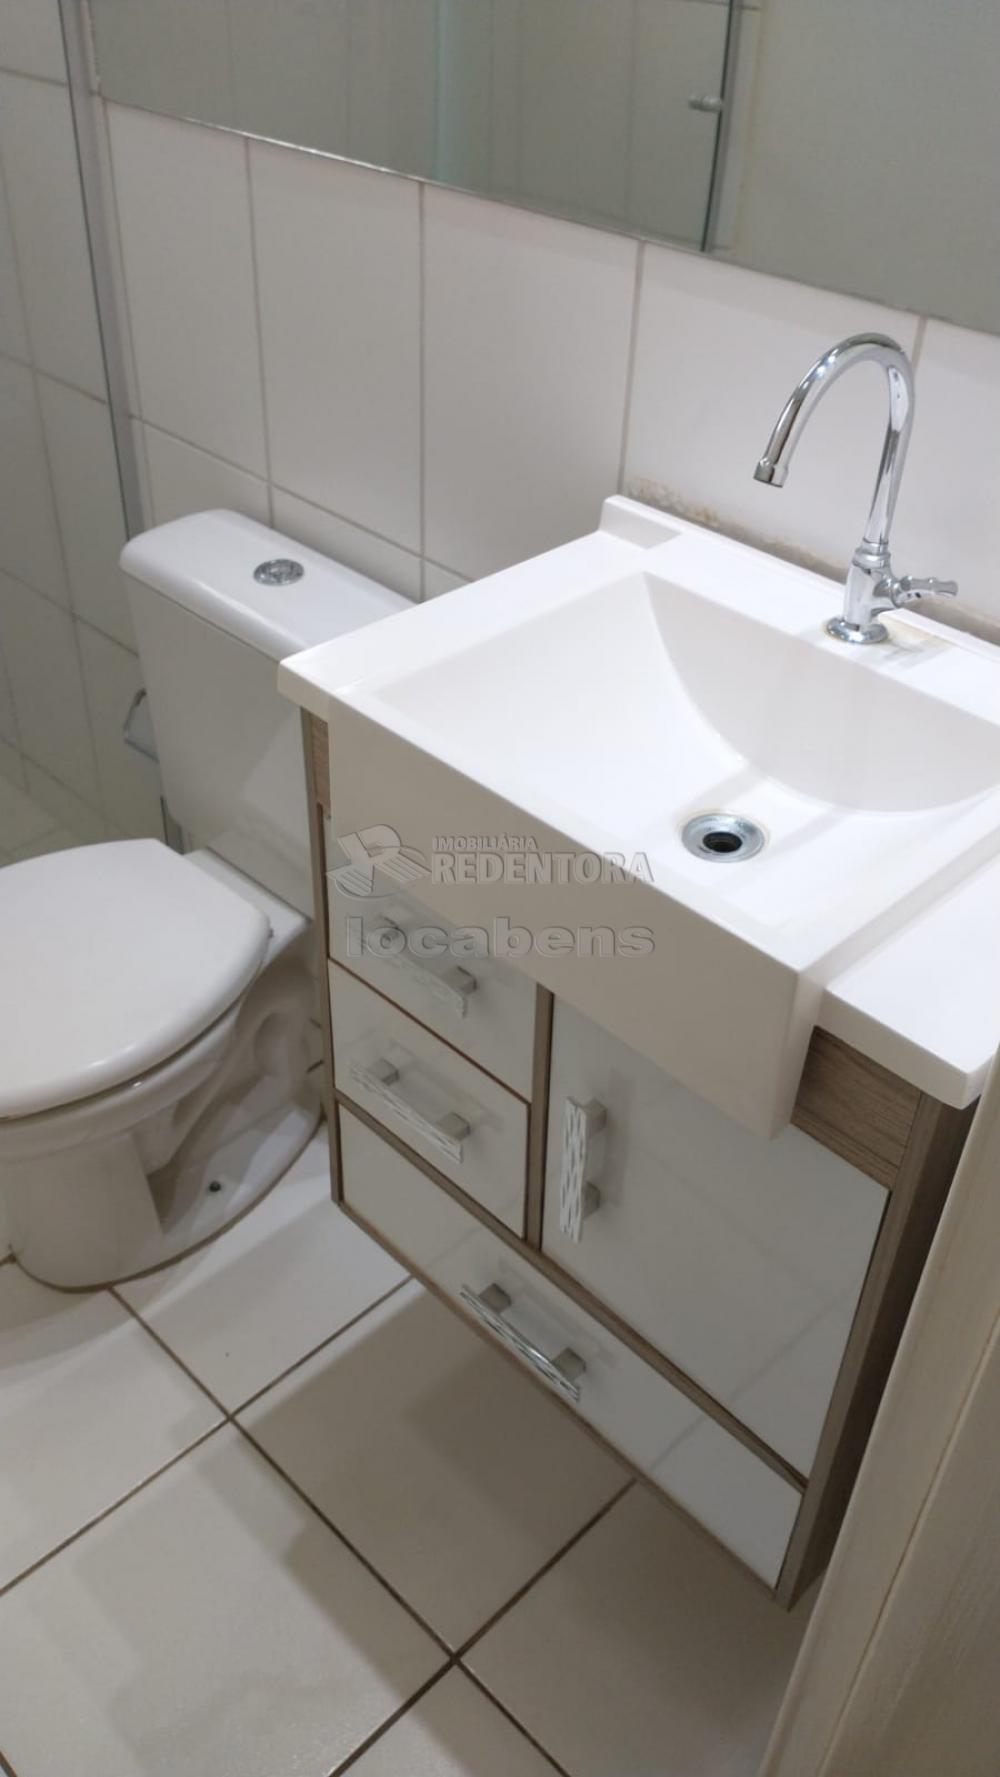 Alugar Apartamento / Padrão em São José do Rio Preto apenas R$ 795,00 - Foto 19